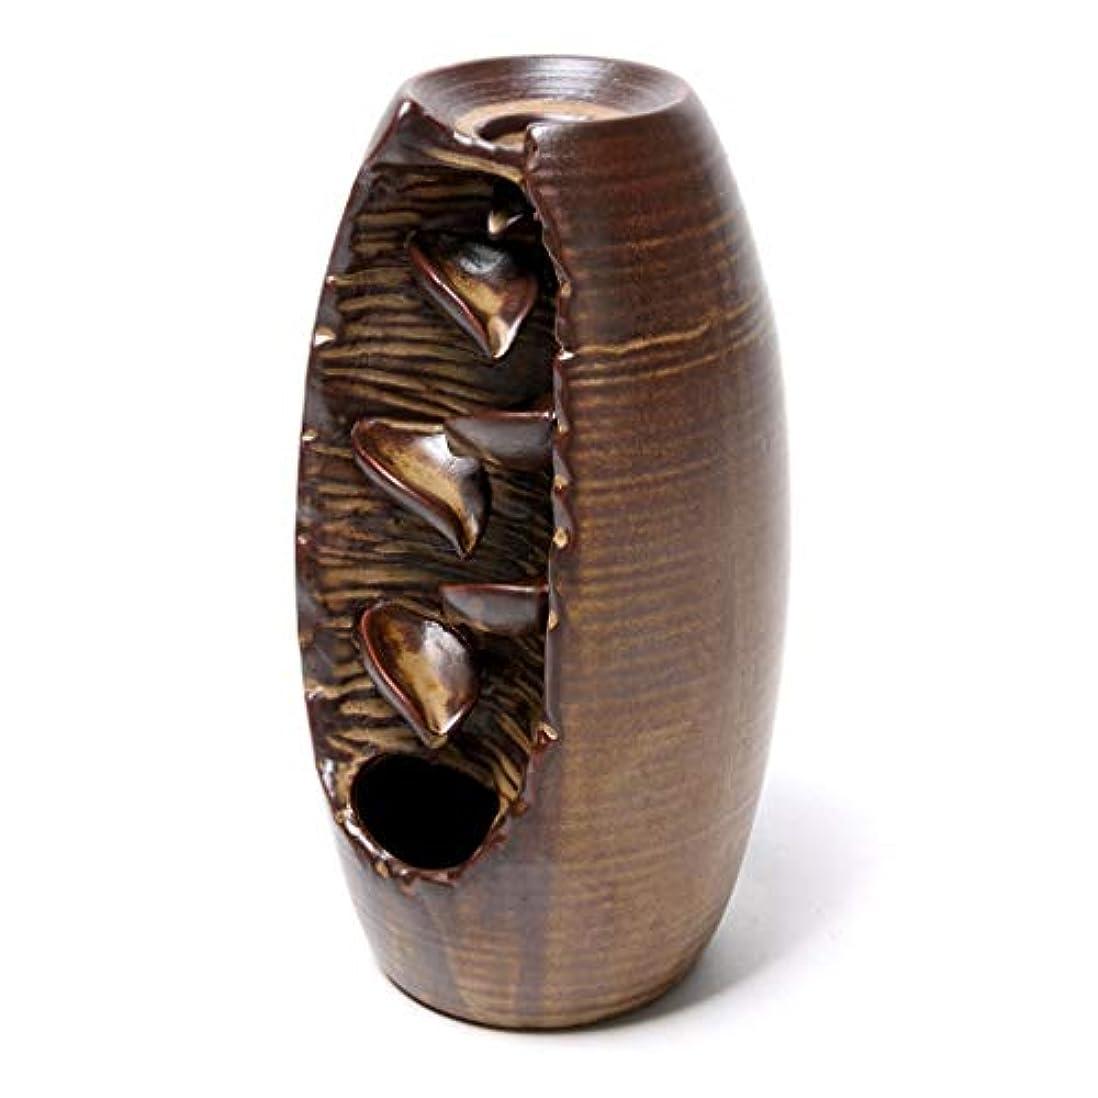 忠実まだ所持セラミック逆流香炉逆流香ホルダーホームセラミックオフィス香コーンホルダーバーナーアロマセラピー炉 (Color : Brown, サイズ : 3.54*8.07 inches)